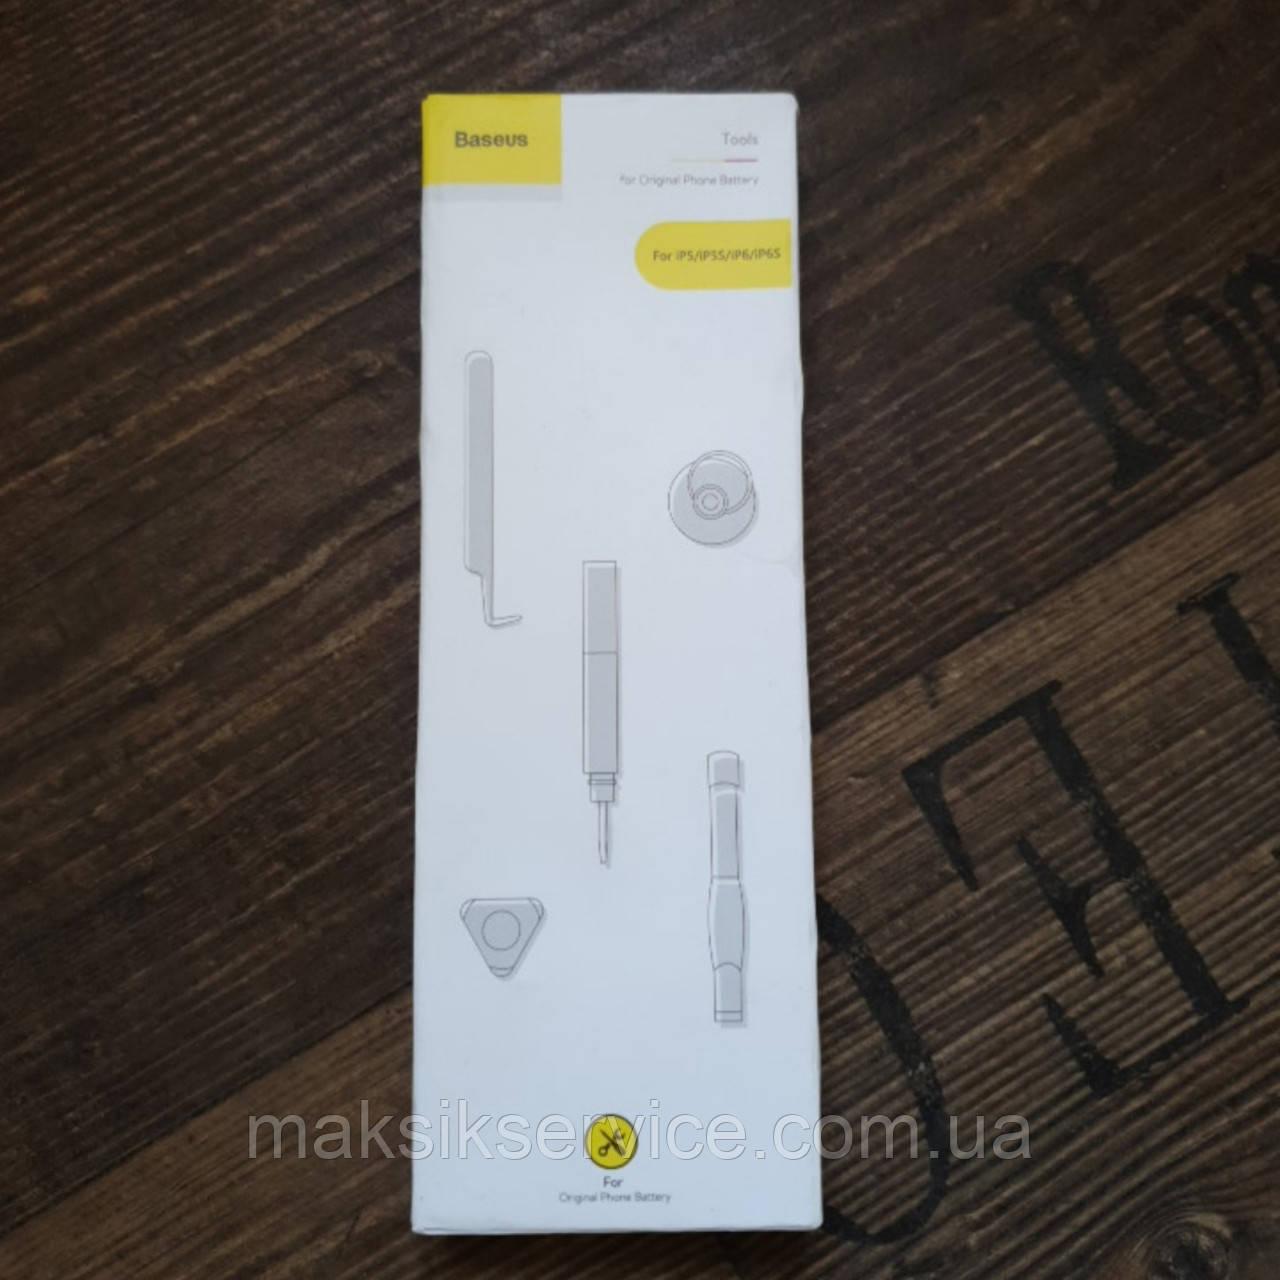 Набор отверток и инструмента Baseus Tools для замены АКБ Apple iPhone 5, 5S, 6, 6S (ACDM-IP56S)